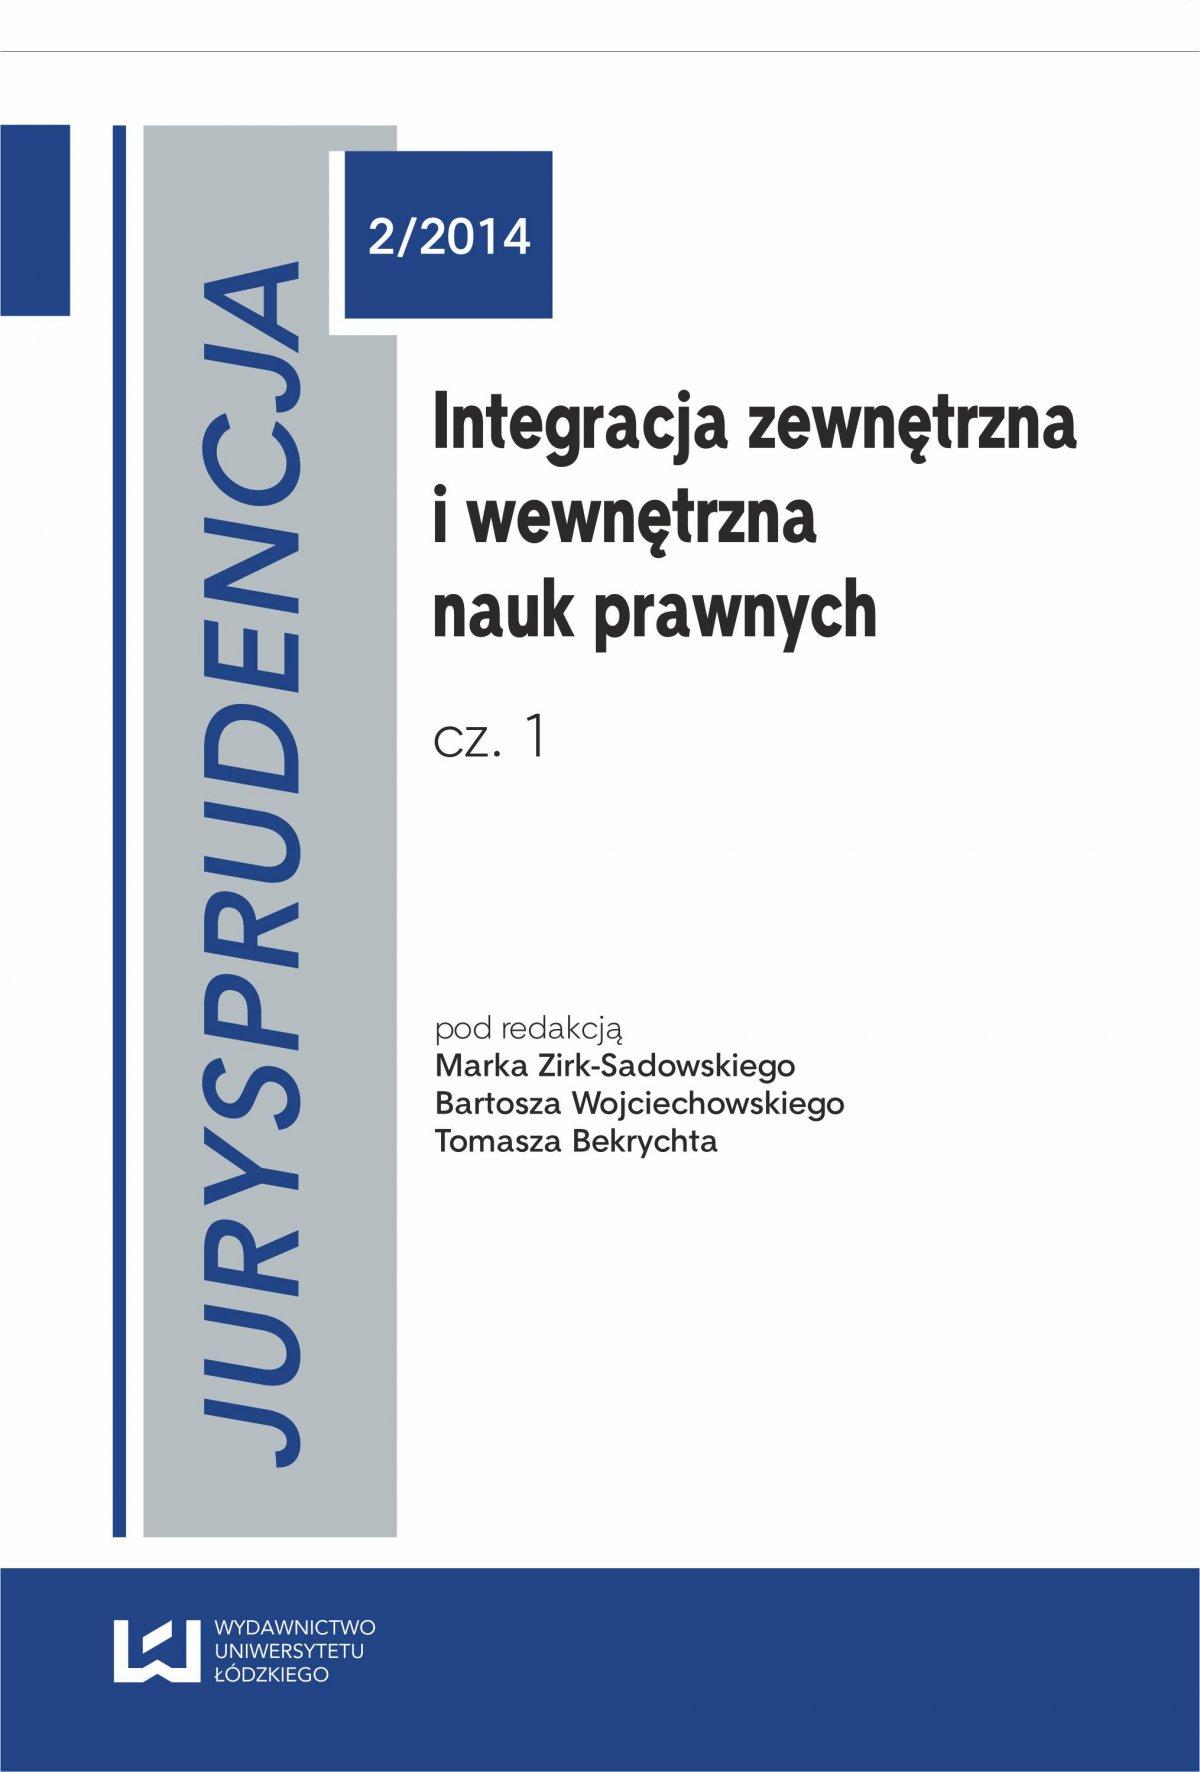 Integracja zewnętrzna i wewnętrzna nauk prawnych. Część 1 Jurysprudencja 2 - Ebook (Książka PDF) do pobrania w formacie PDF